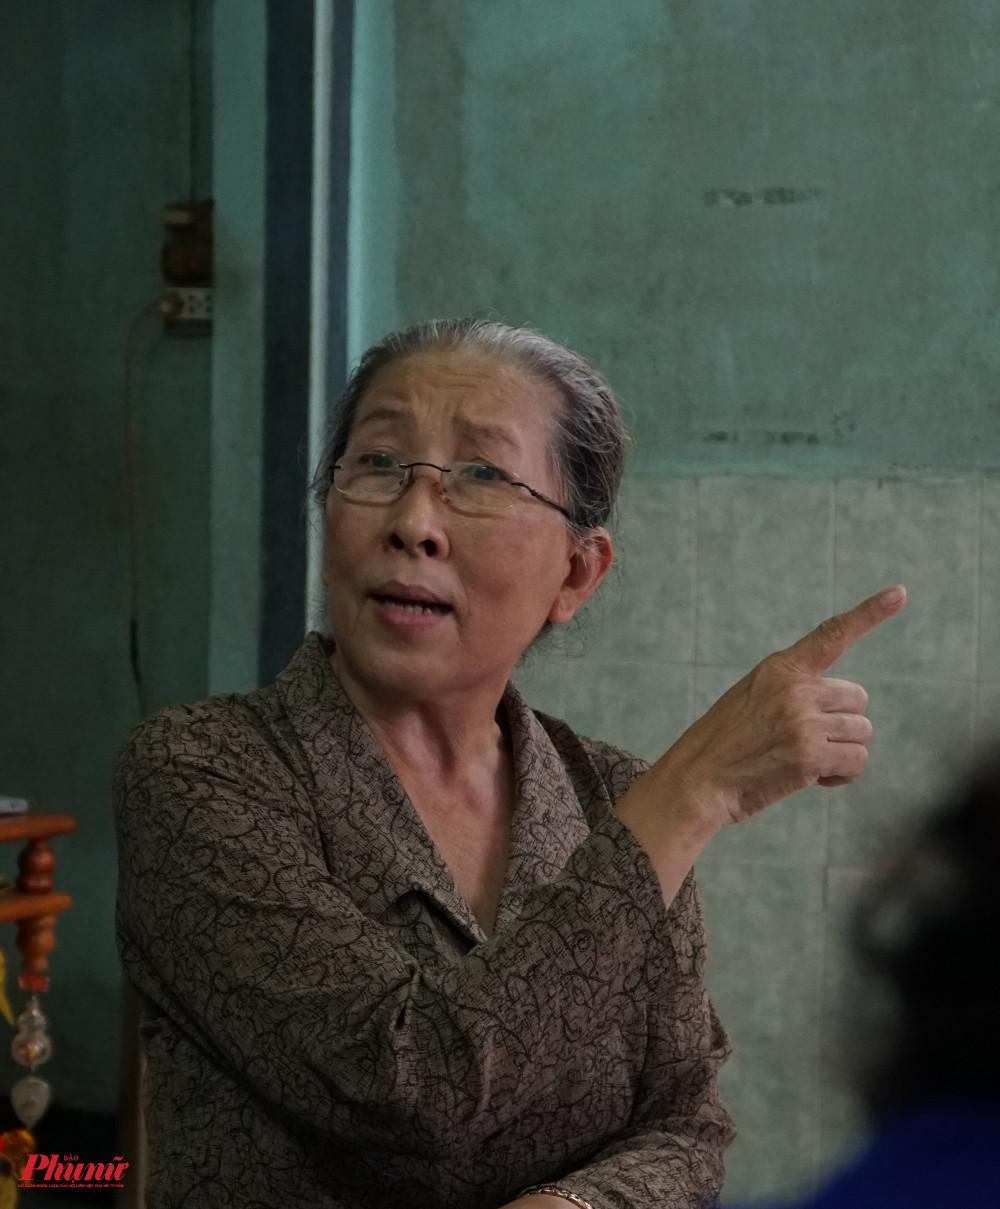 Nghệ sĩ Ngọc Dung vẫn nhớ vanh vách những vai bà từng diễn qua, lẫn những chuyện buồn, vui thở hát bội còn thịnh hành